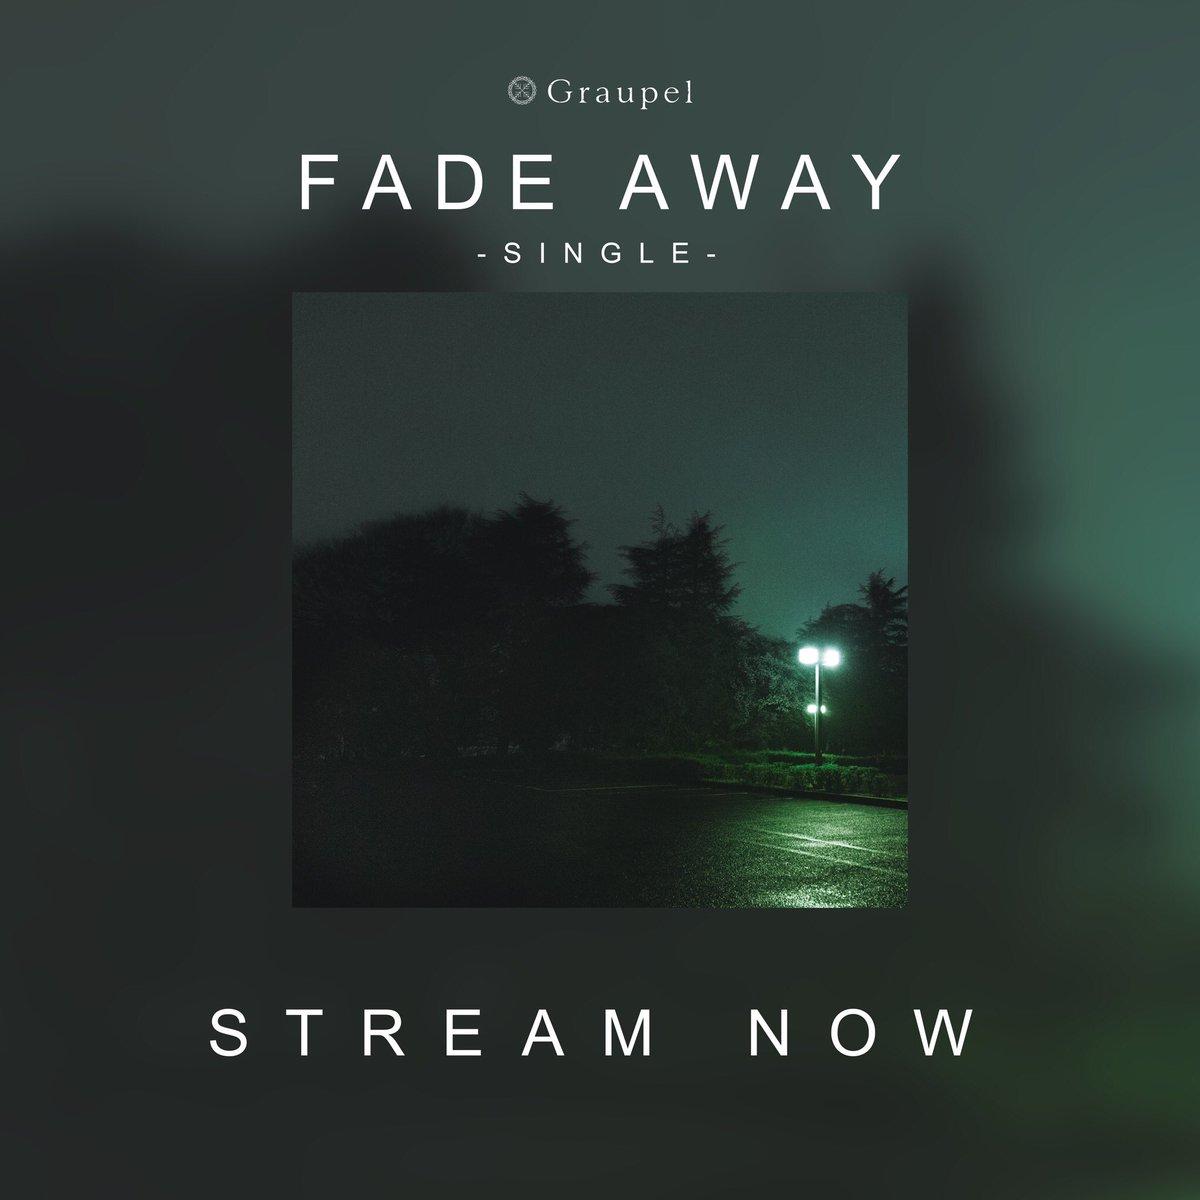 新曲Fade Awayは主要ストリーミングサービスにて配信中です。⬛︎Spotify⬛︎Apple Music⬛︎YouTube